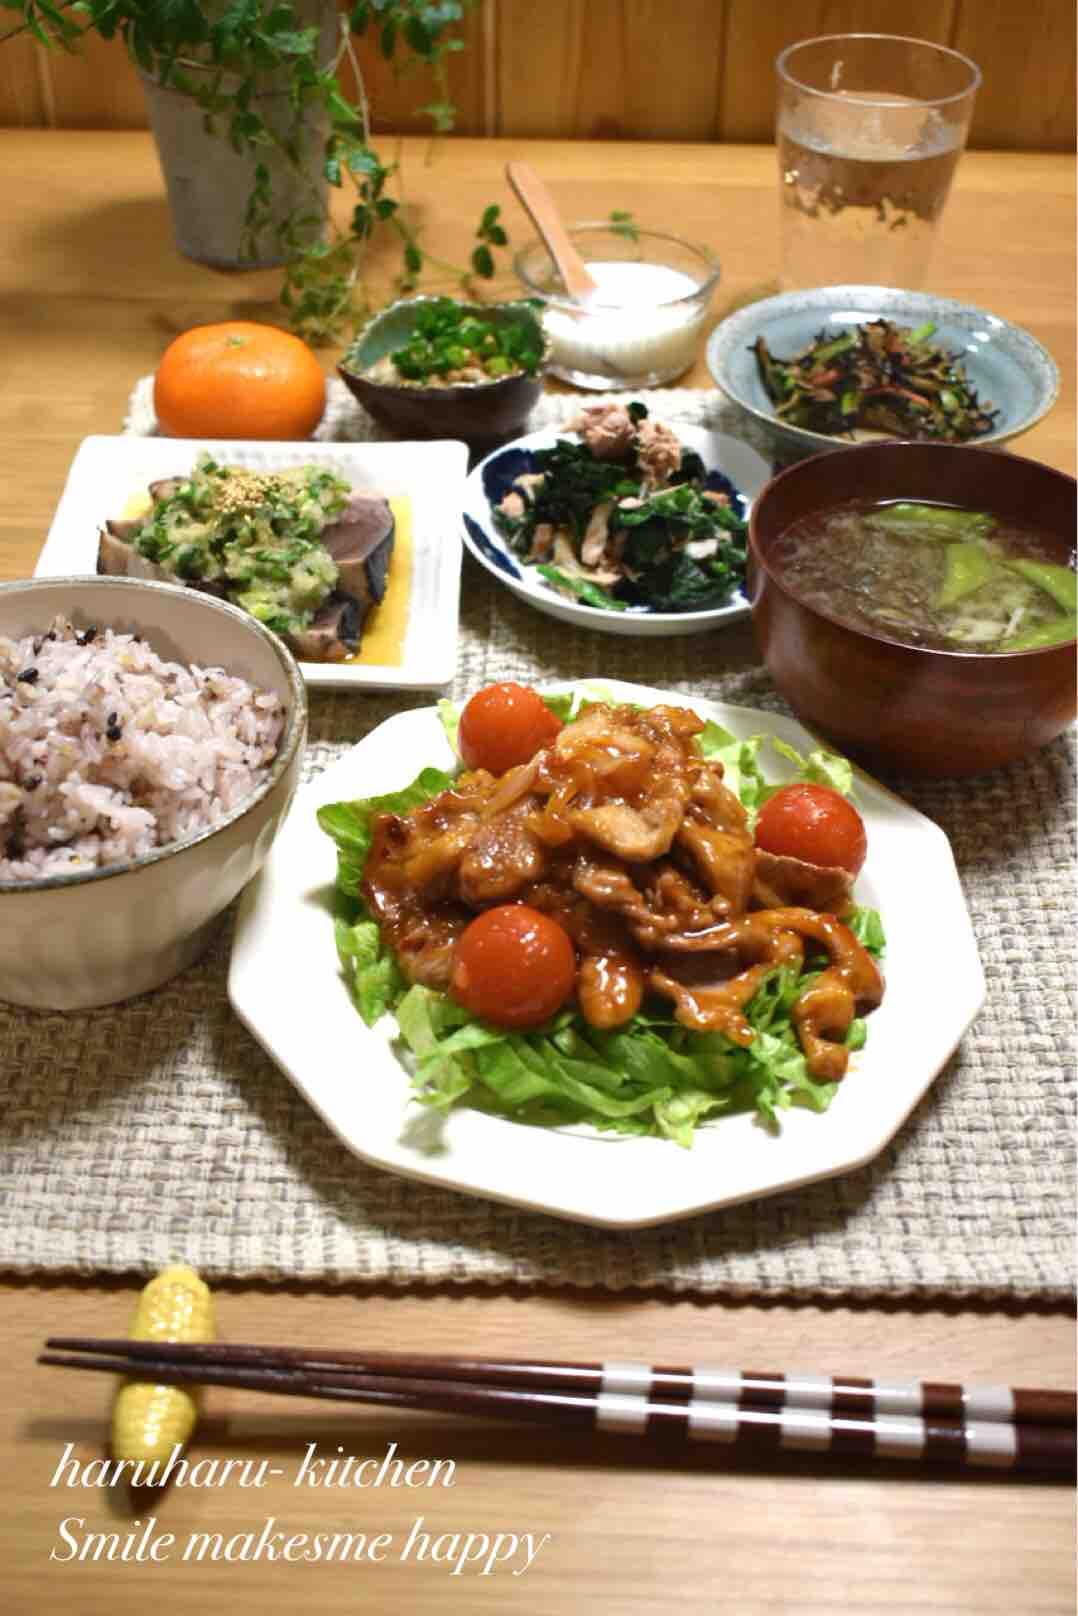 晩 ご飯 おかず 迷ったらコレ!炊き込みご飯に合うおすすめおかずレシピ21選